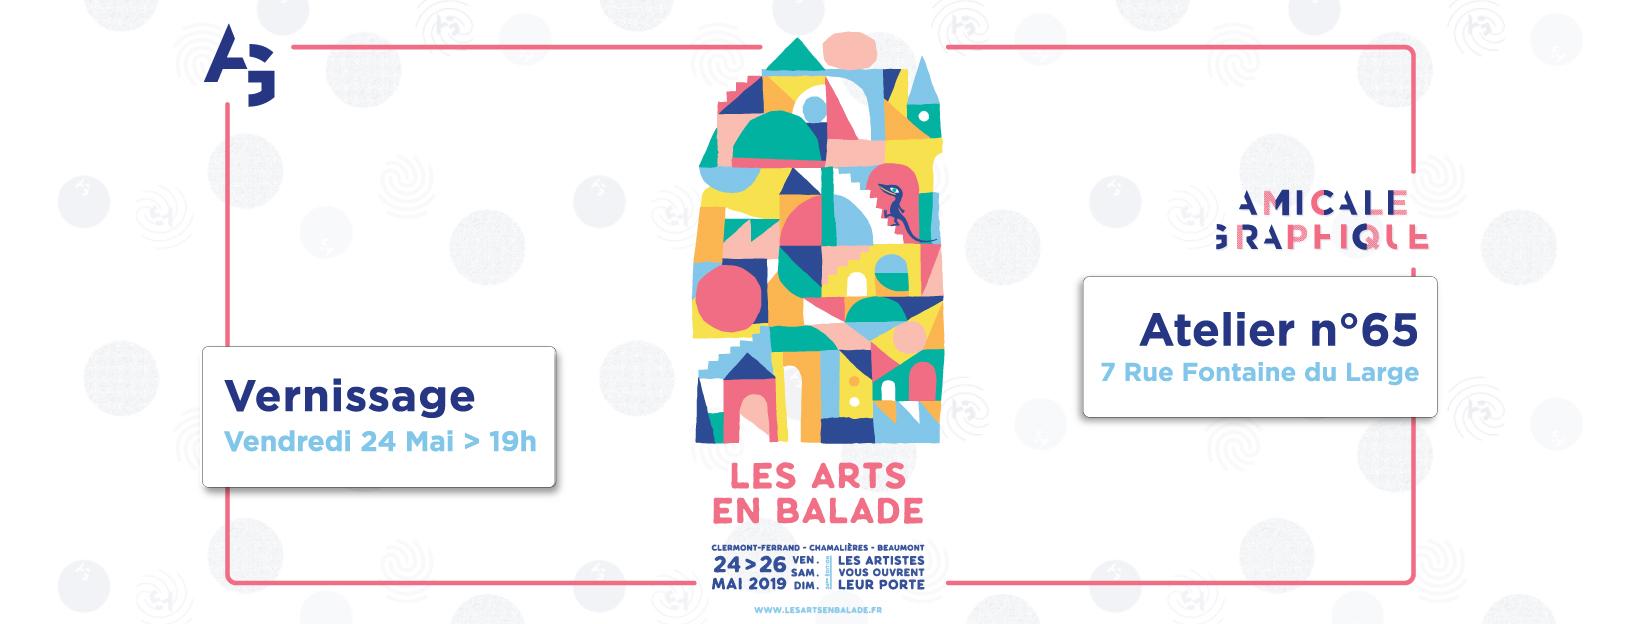 vernissage de l'exposition organisée par Amicale Graphique